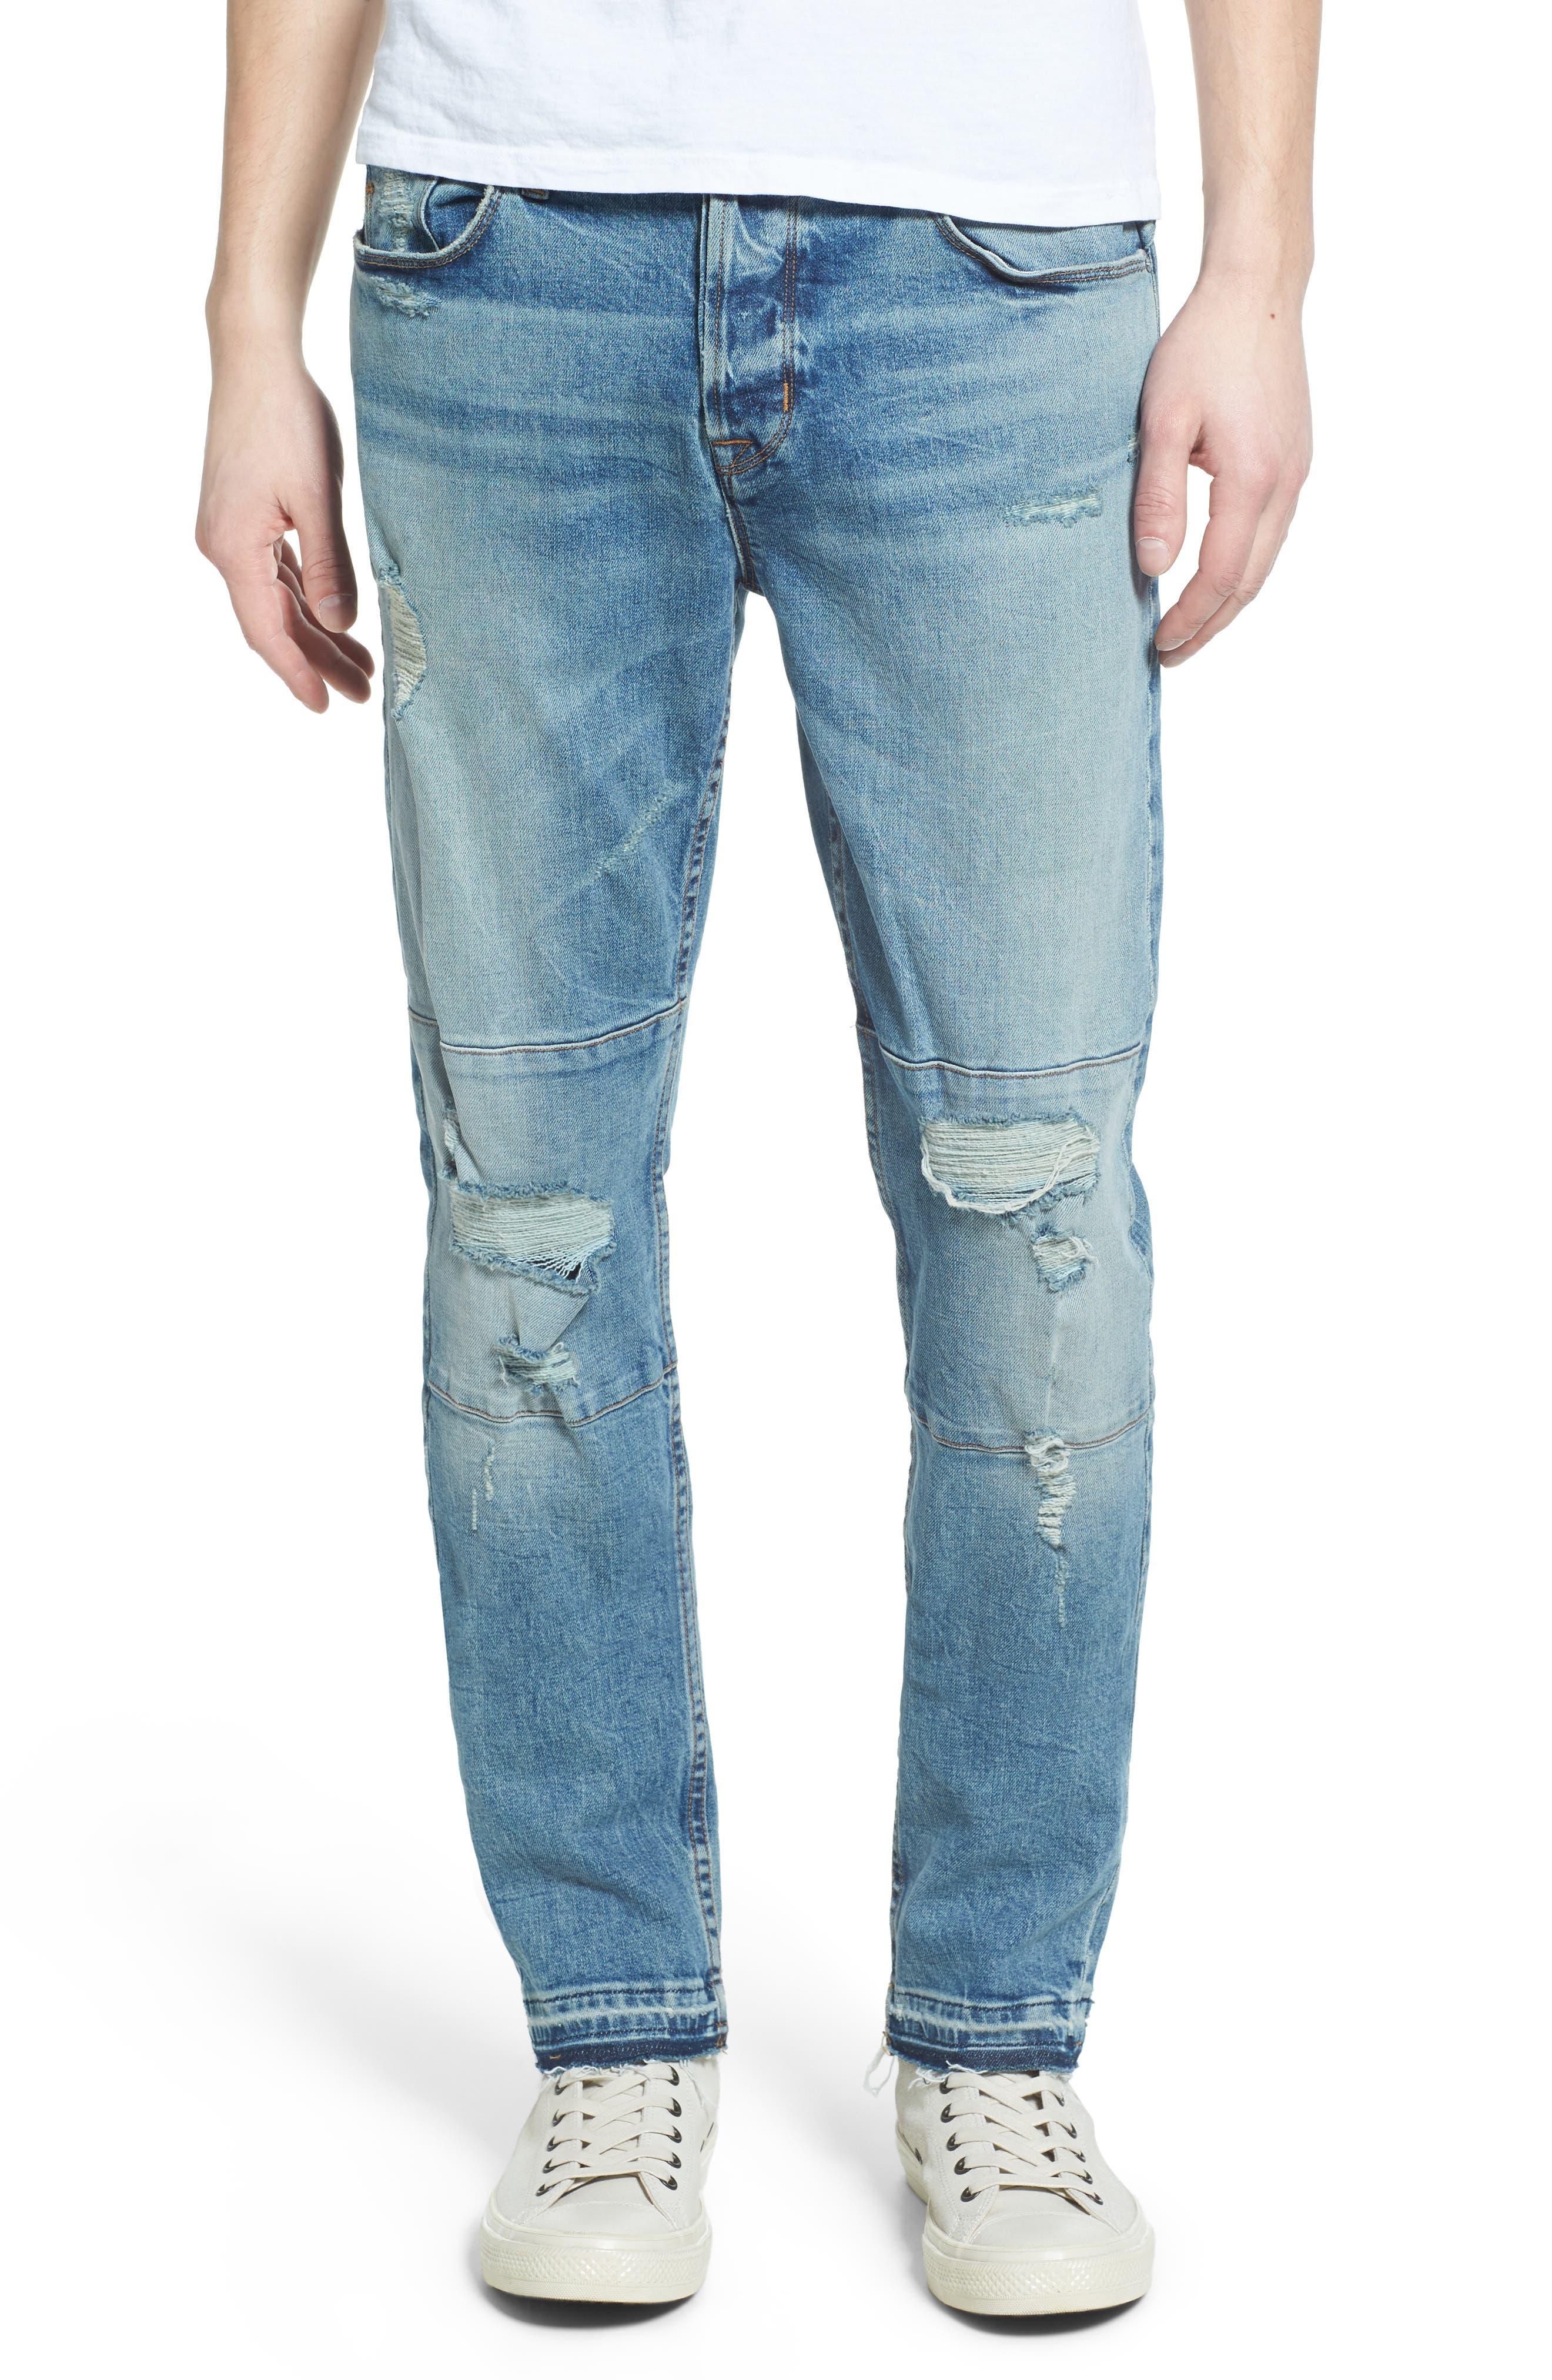 Alternate Image 1 Selected - Hudson Jeans Blinder Biker Skinny Fit Jeans